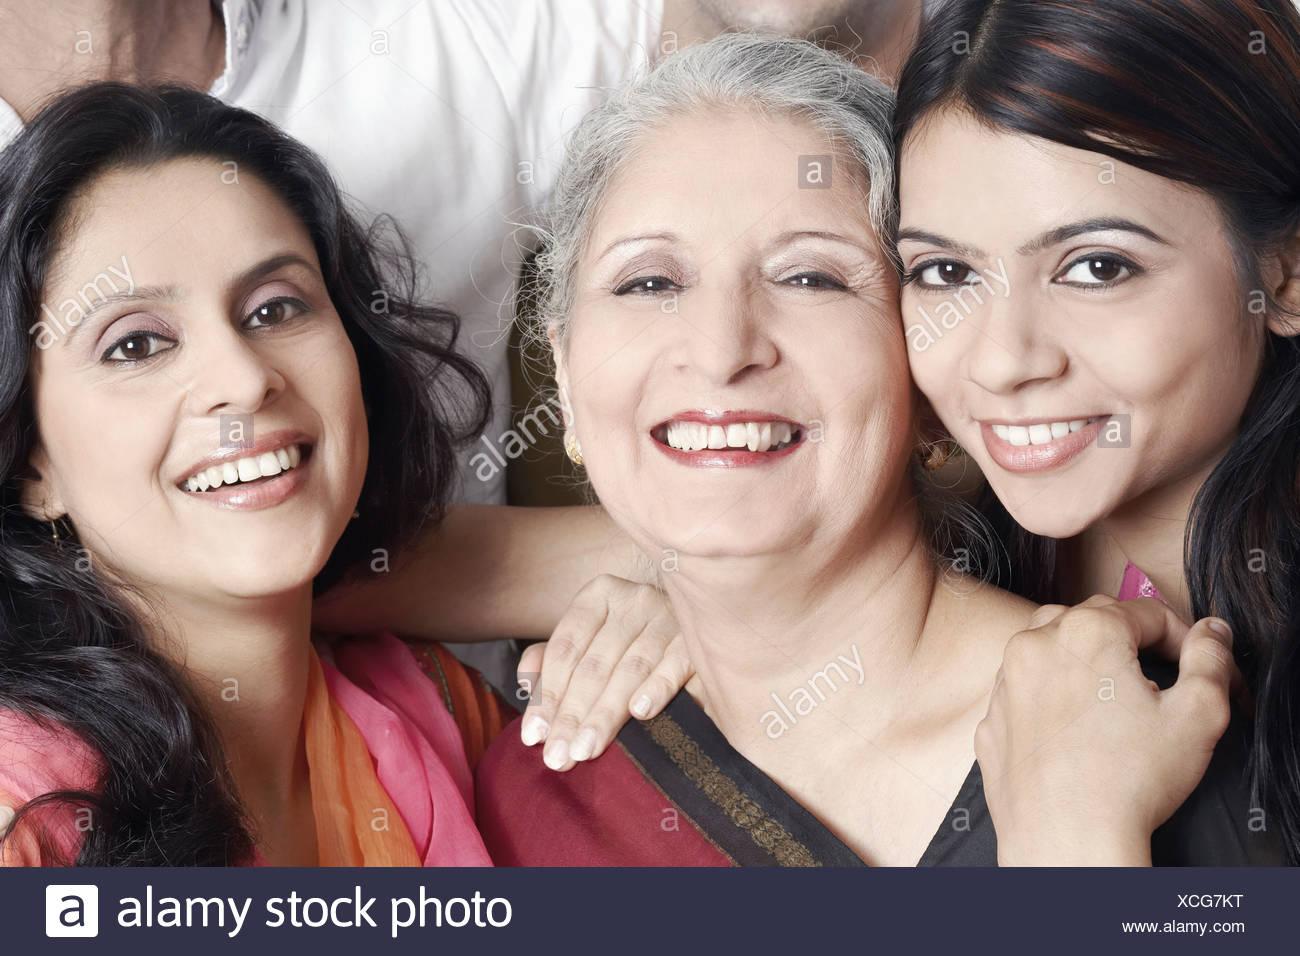 Retrato de tres mujeres sonriendo Imagen De Stock